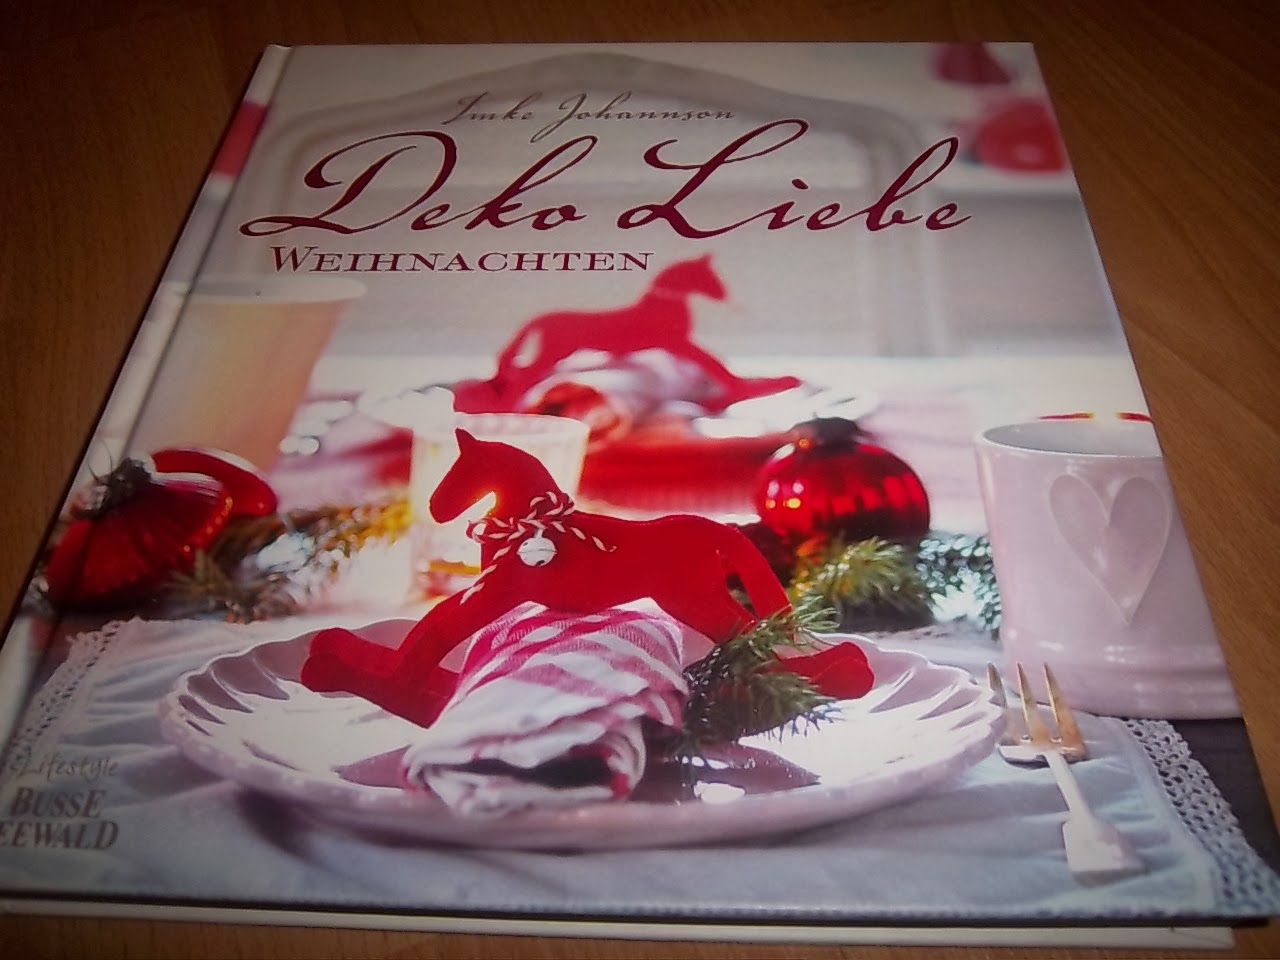 shoushous shades of shopping deko liebe weihnachten ein. Black Bedroom Furniture Sets. Home Design Ideas